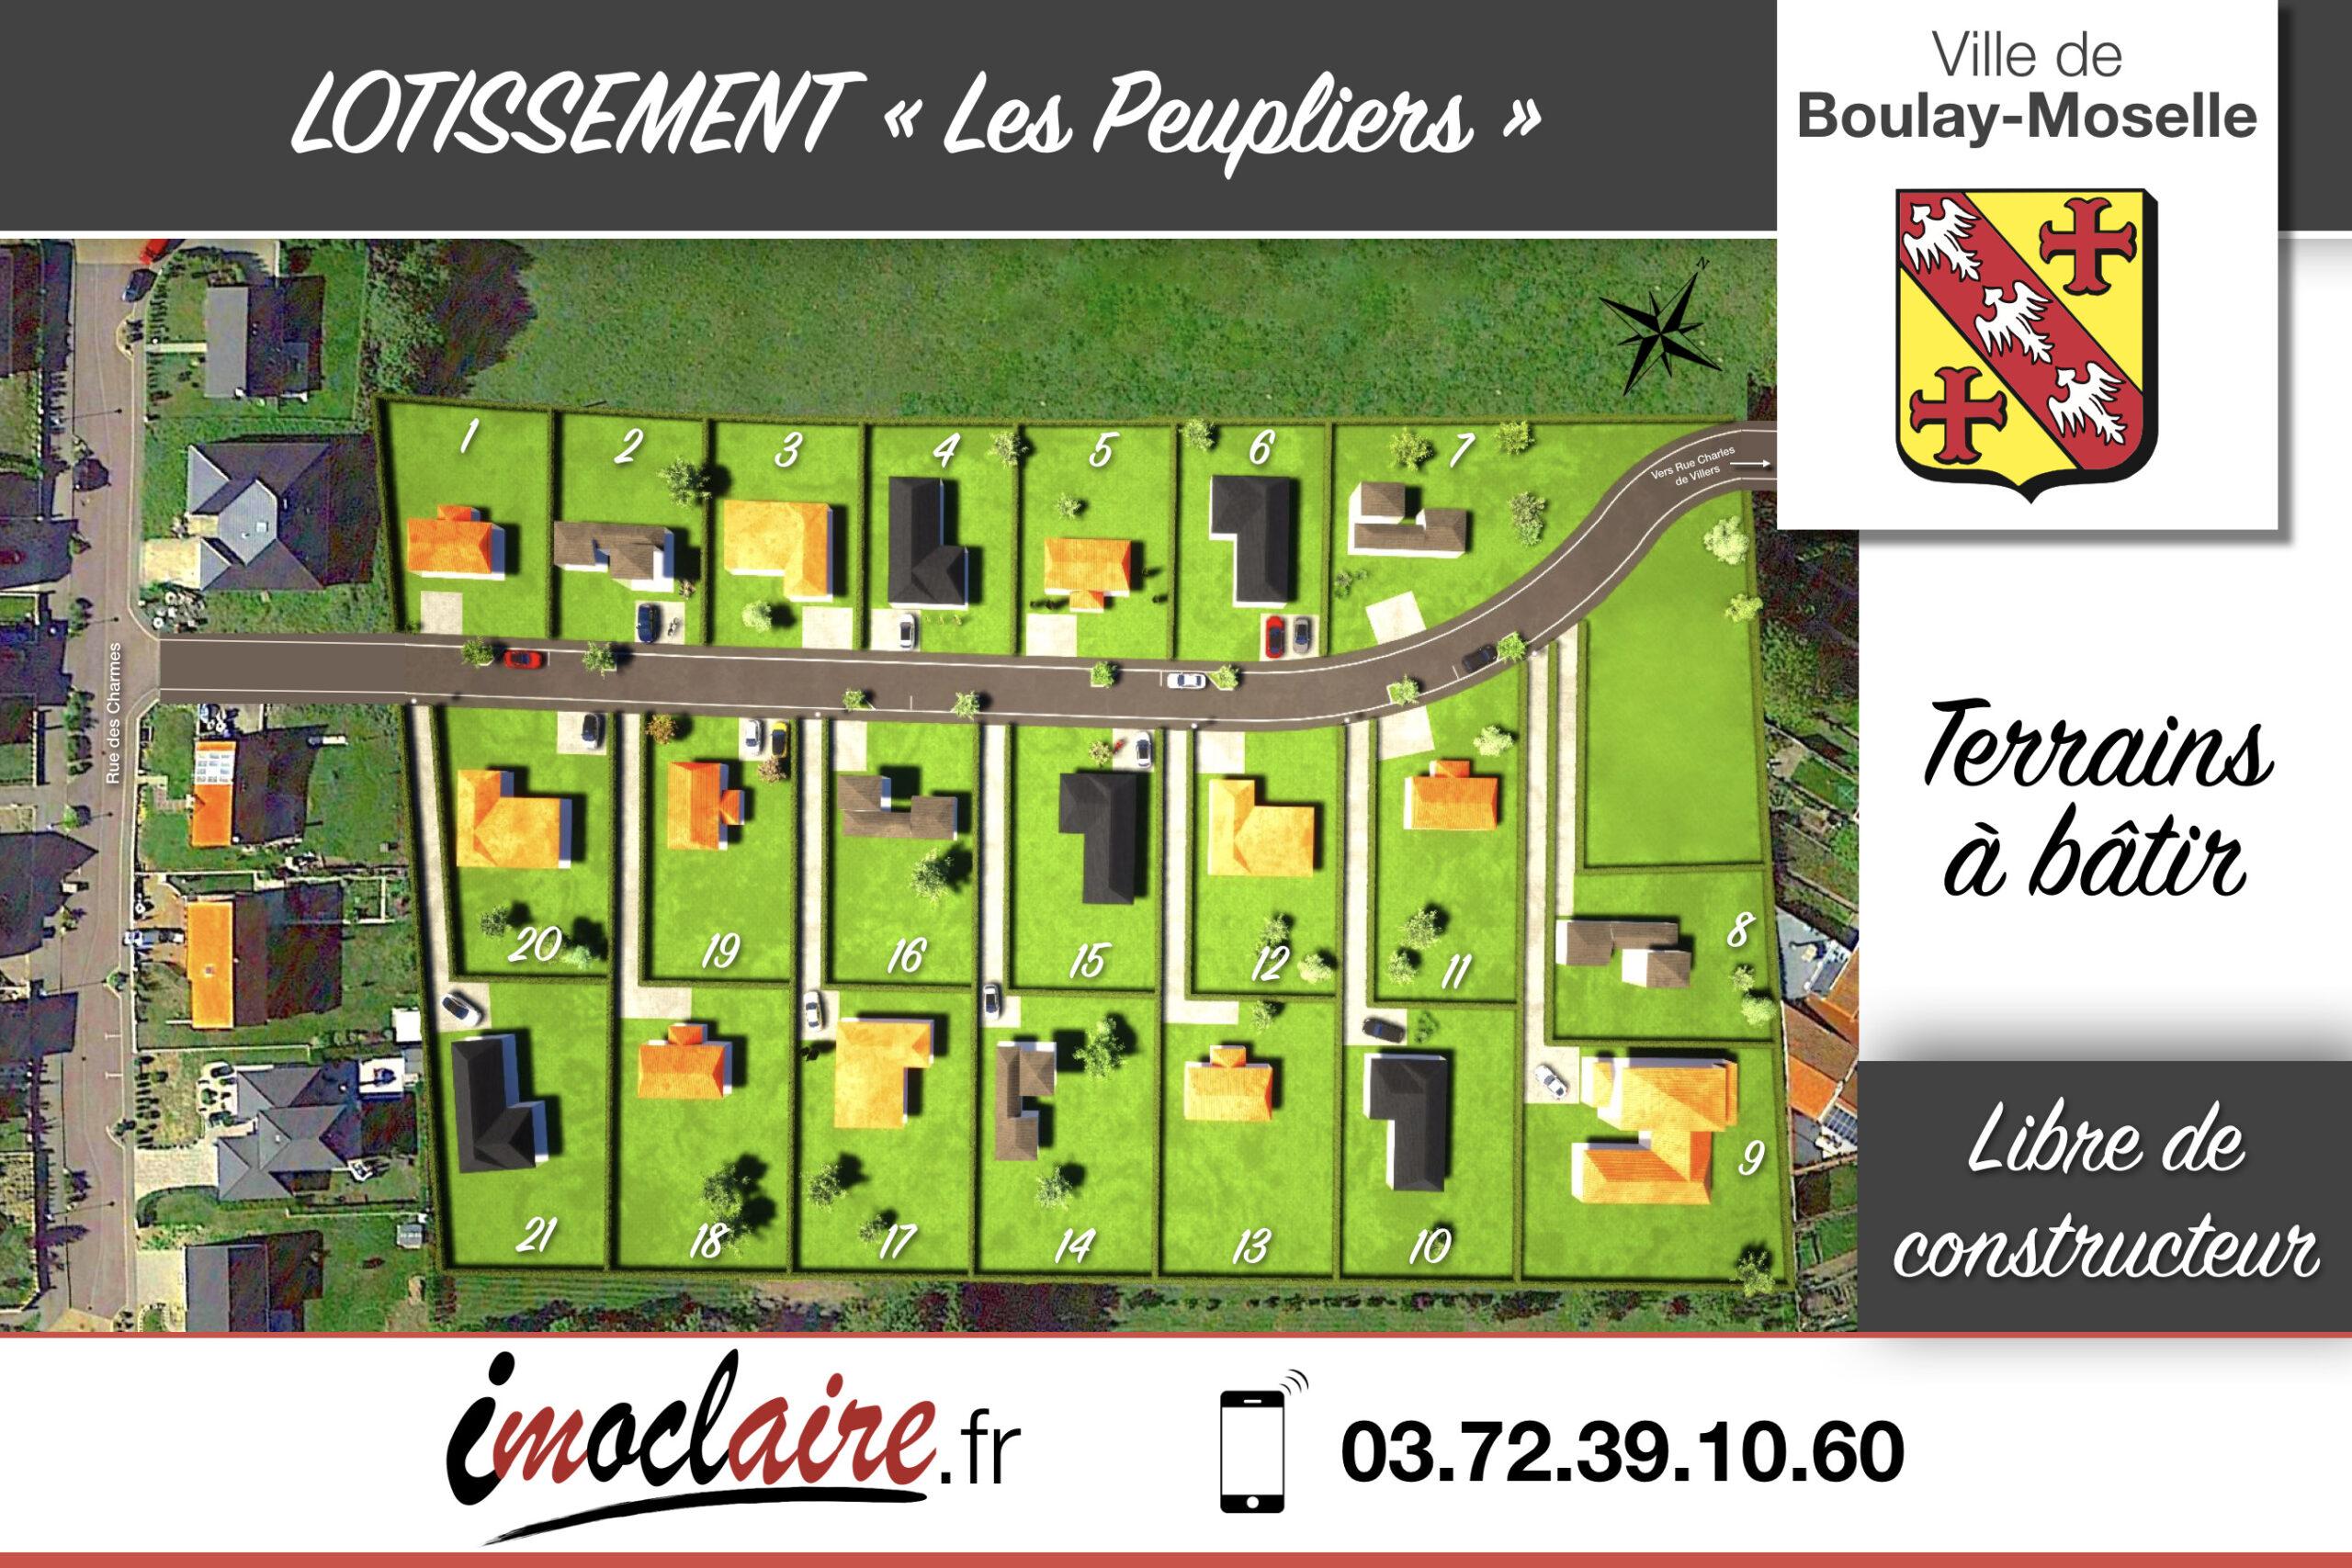 PANNEAU3x2_Lotissement_Les_Peupliers